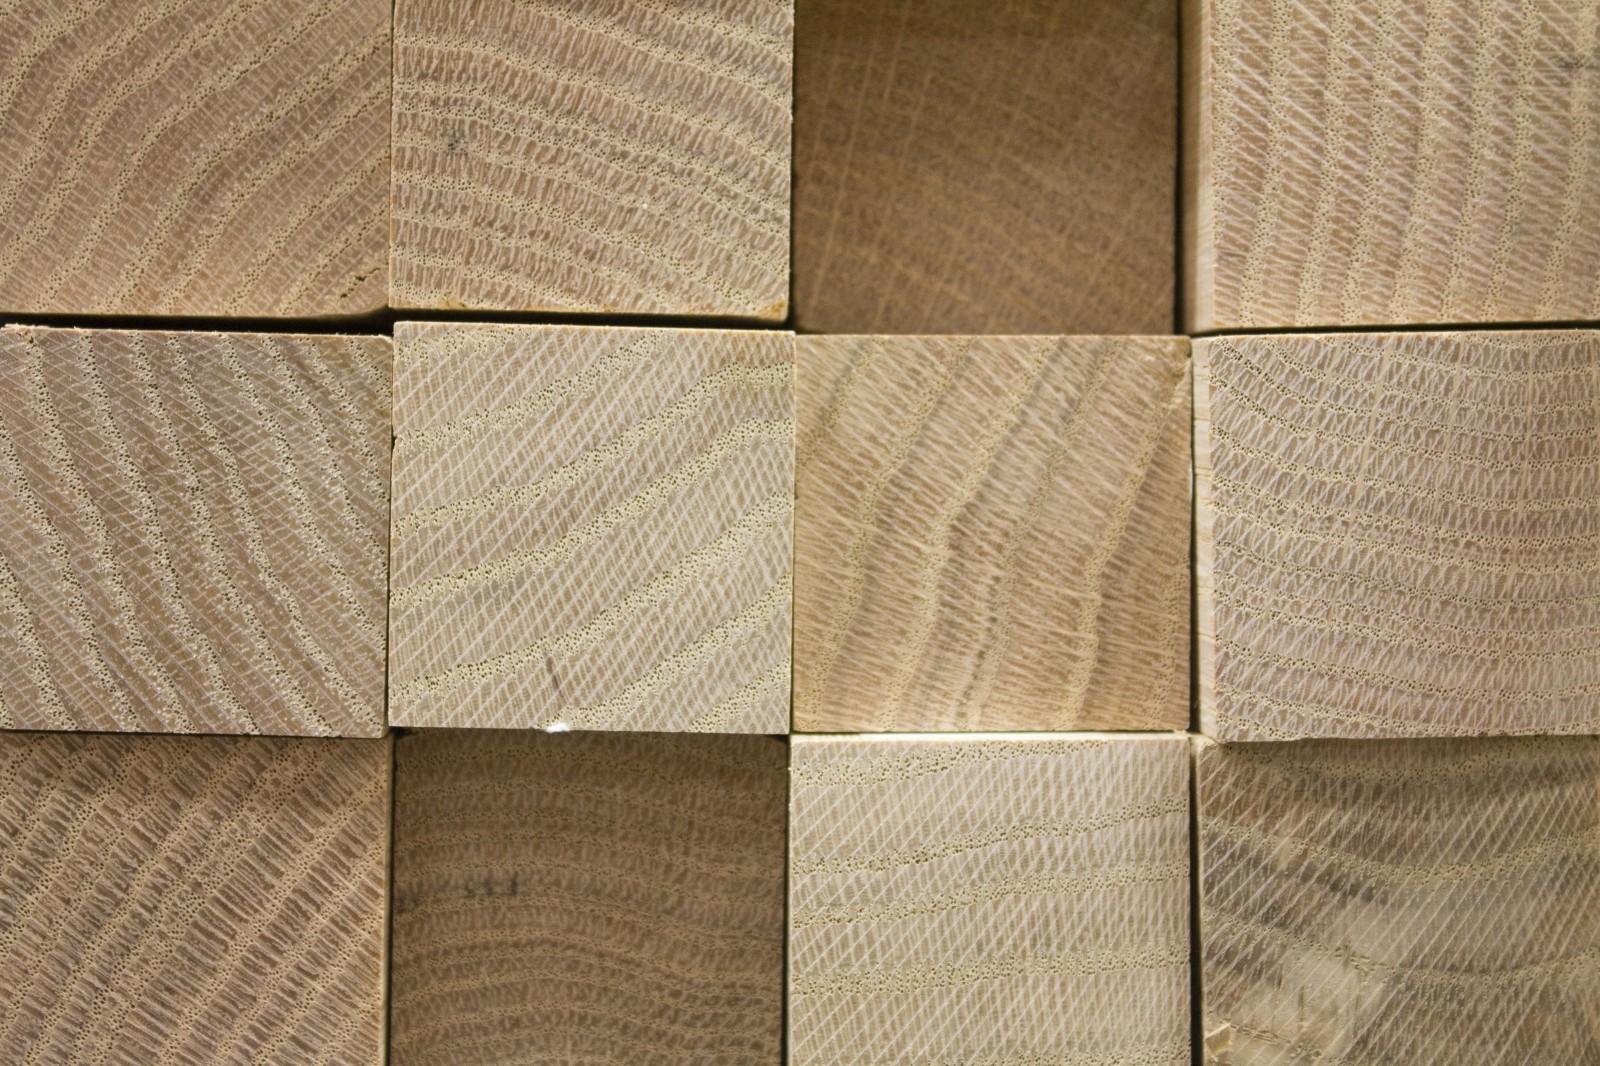 wood-texture-plank-timber-hardwood-grain-natural